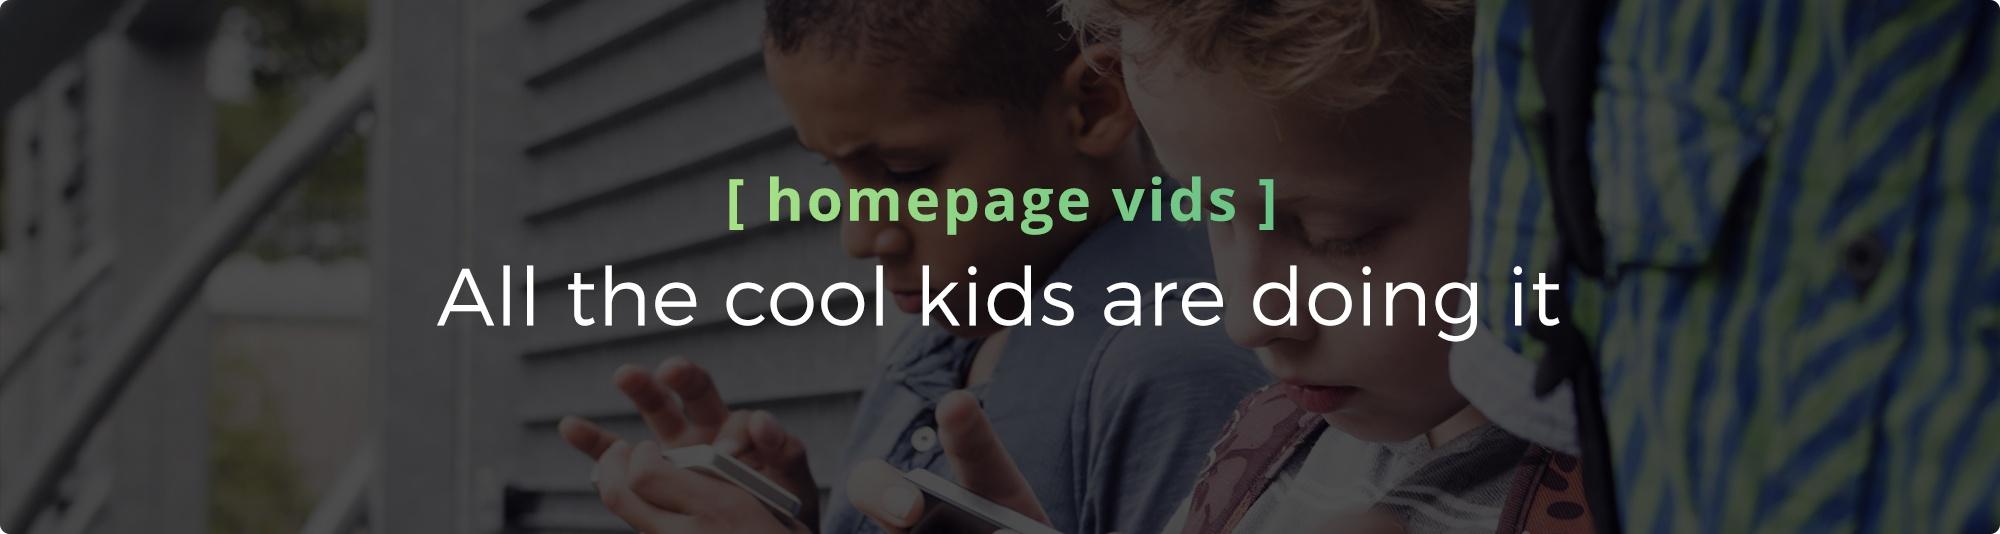 5 Homepage Videos Header.jpg